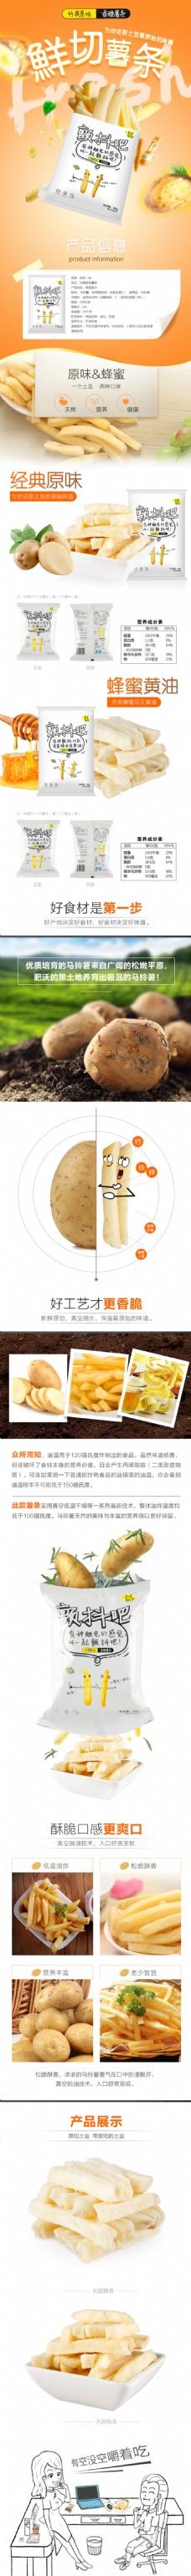 薯条详情页